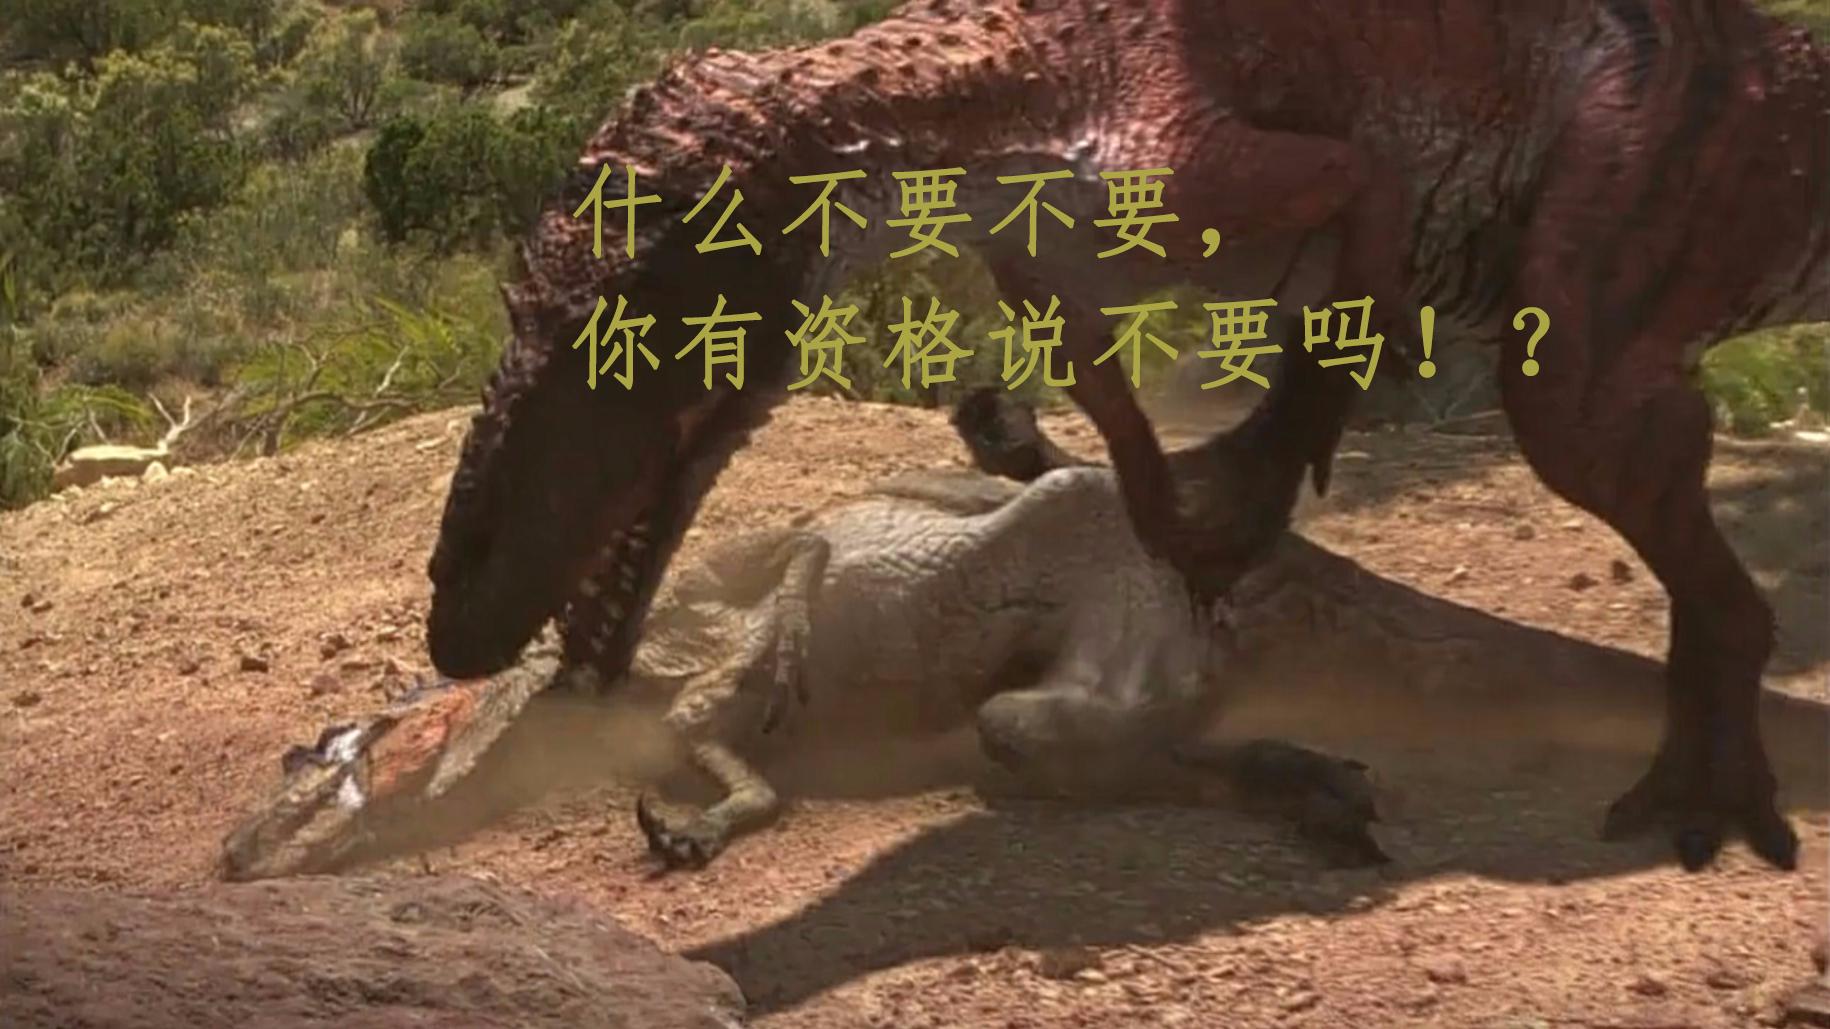 【恐龙革命】当恐龙纪录片遇上水浒传音乐?侏罗纪歪嘴龙王第二季!